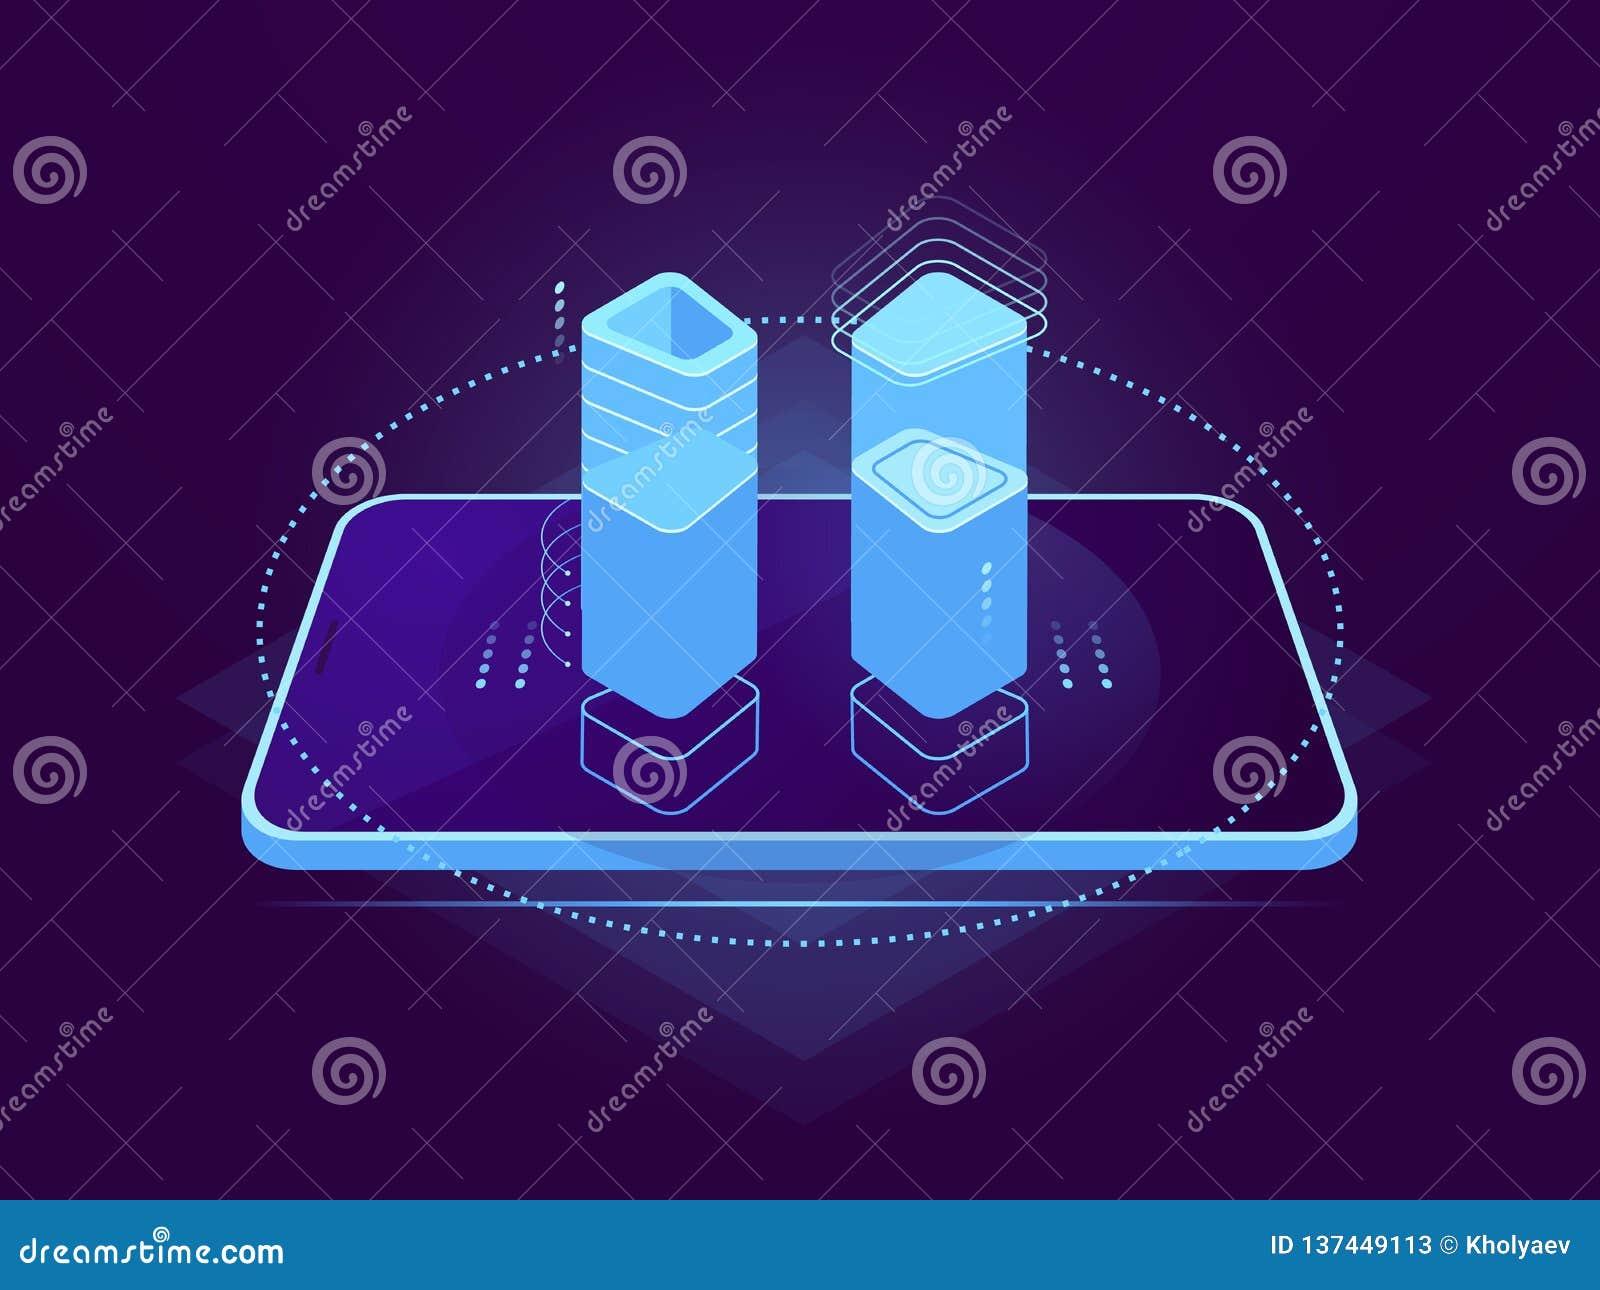 Molnserver som är värd, mobil manöverenhet, holographic kontrollmoment, molnlagring, lager för avlägsen mapp för databas